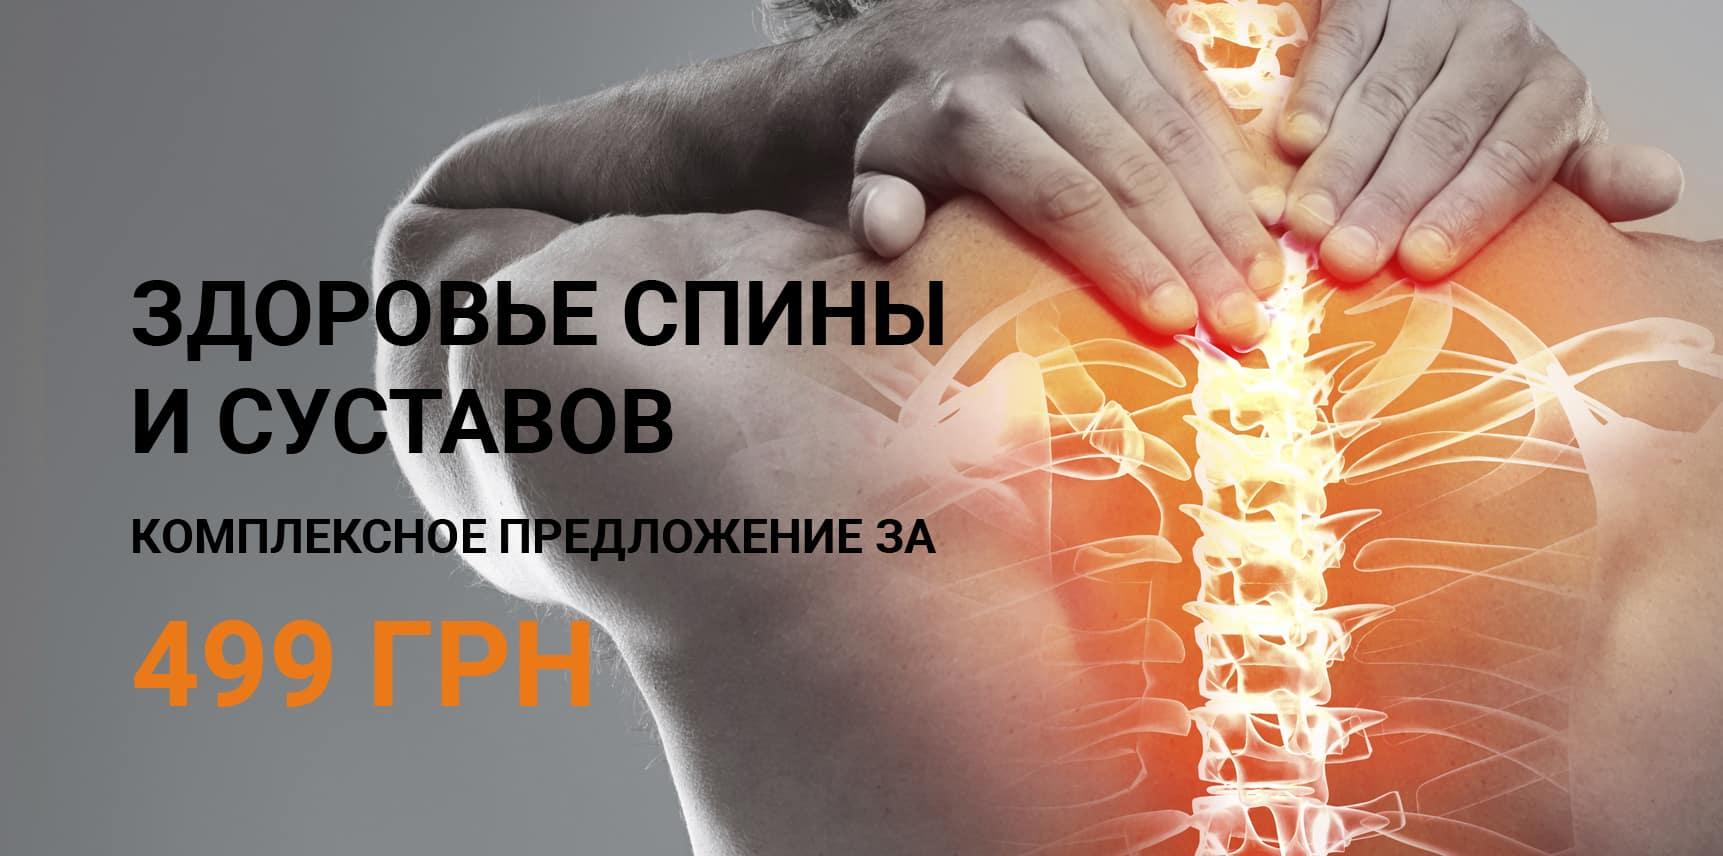 Комплексное предложение для здоровья спины и суставов за 480 грн